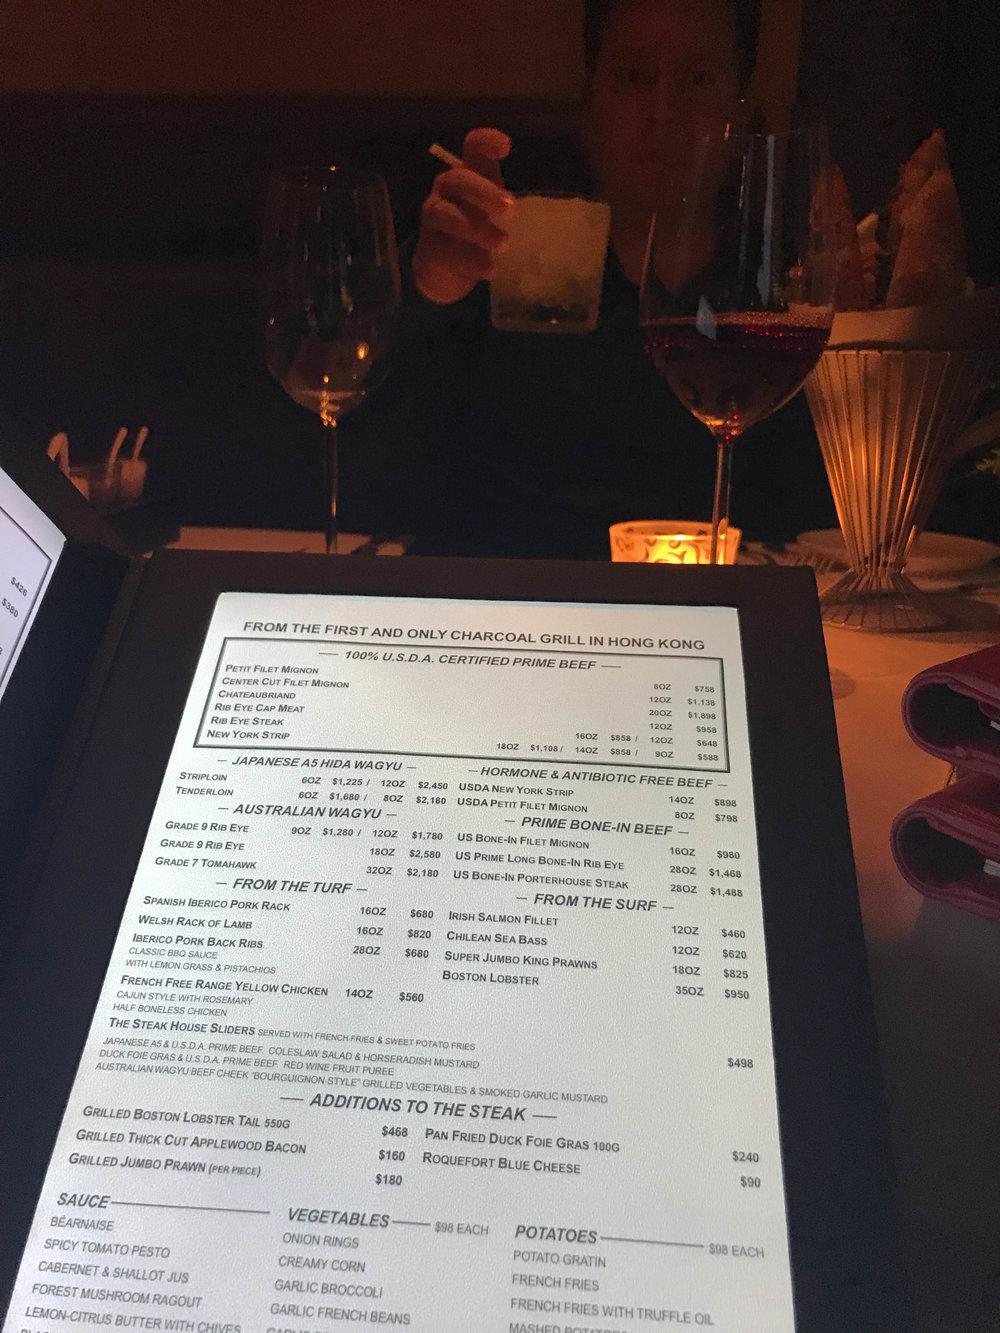 Hong-Kong-Intercontinental-Steak-House-Wine Bar-Grill-menu